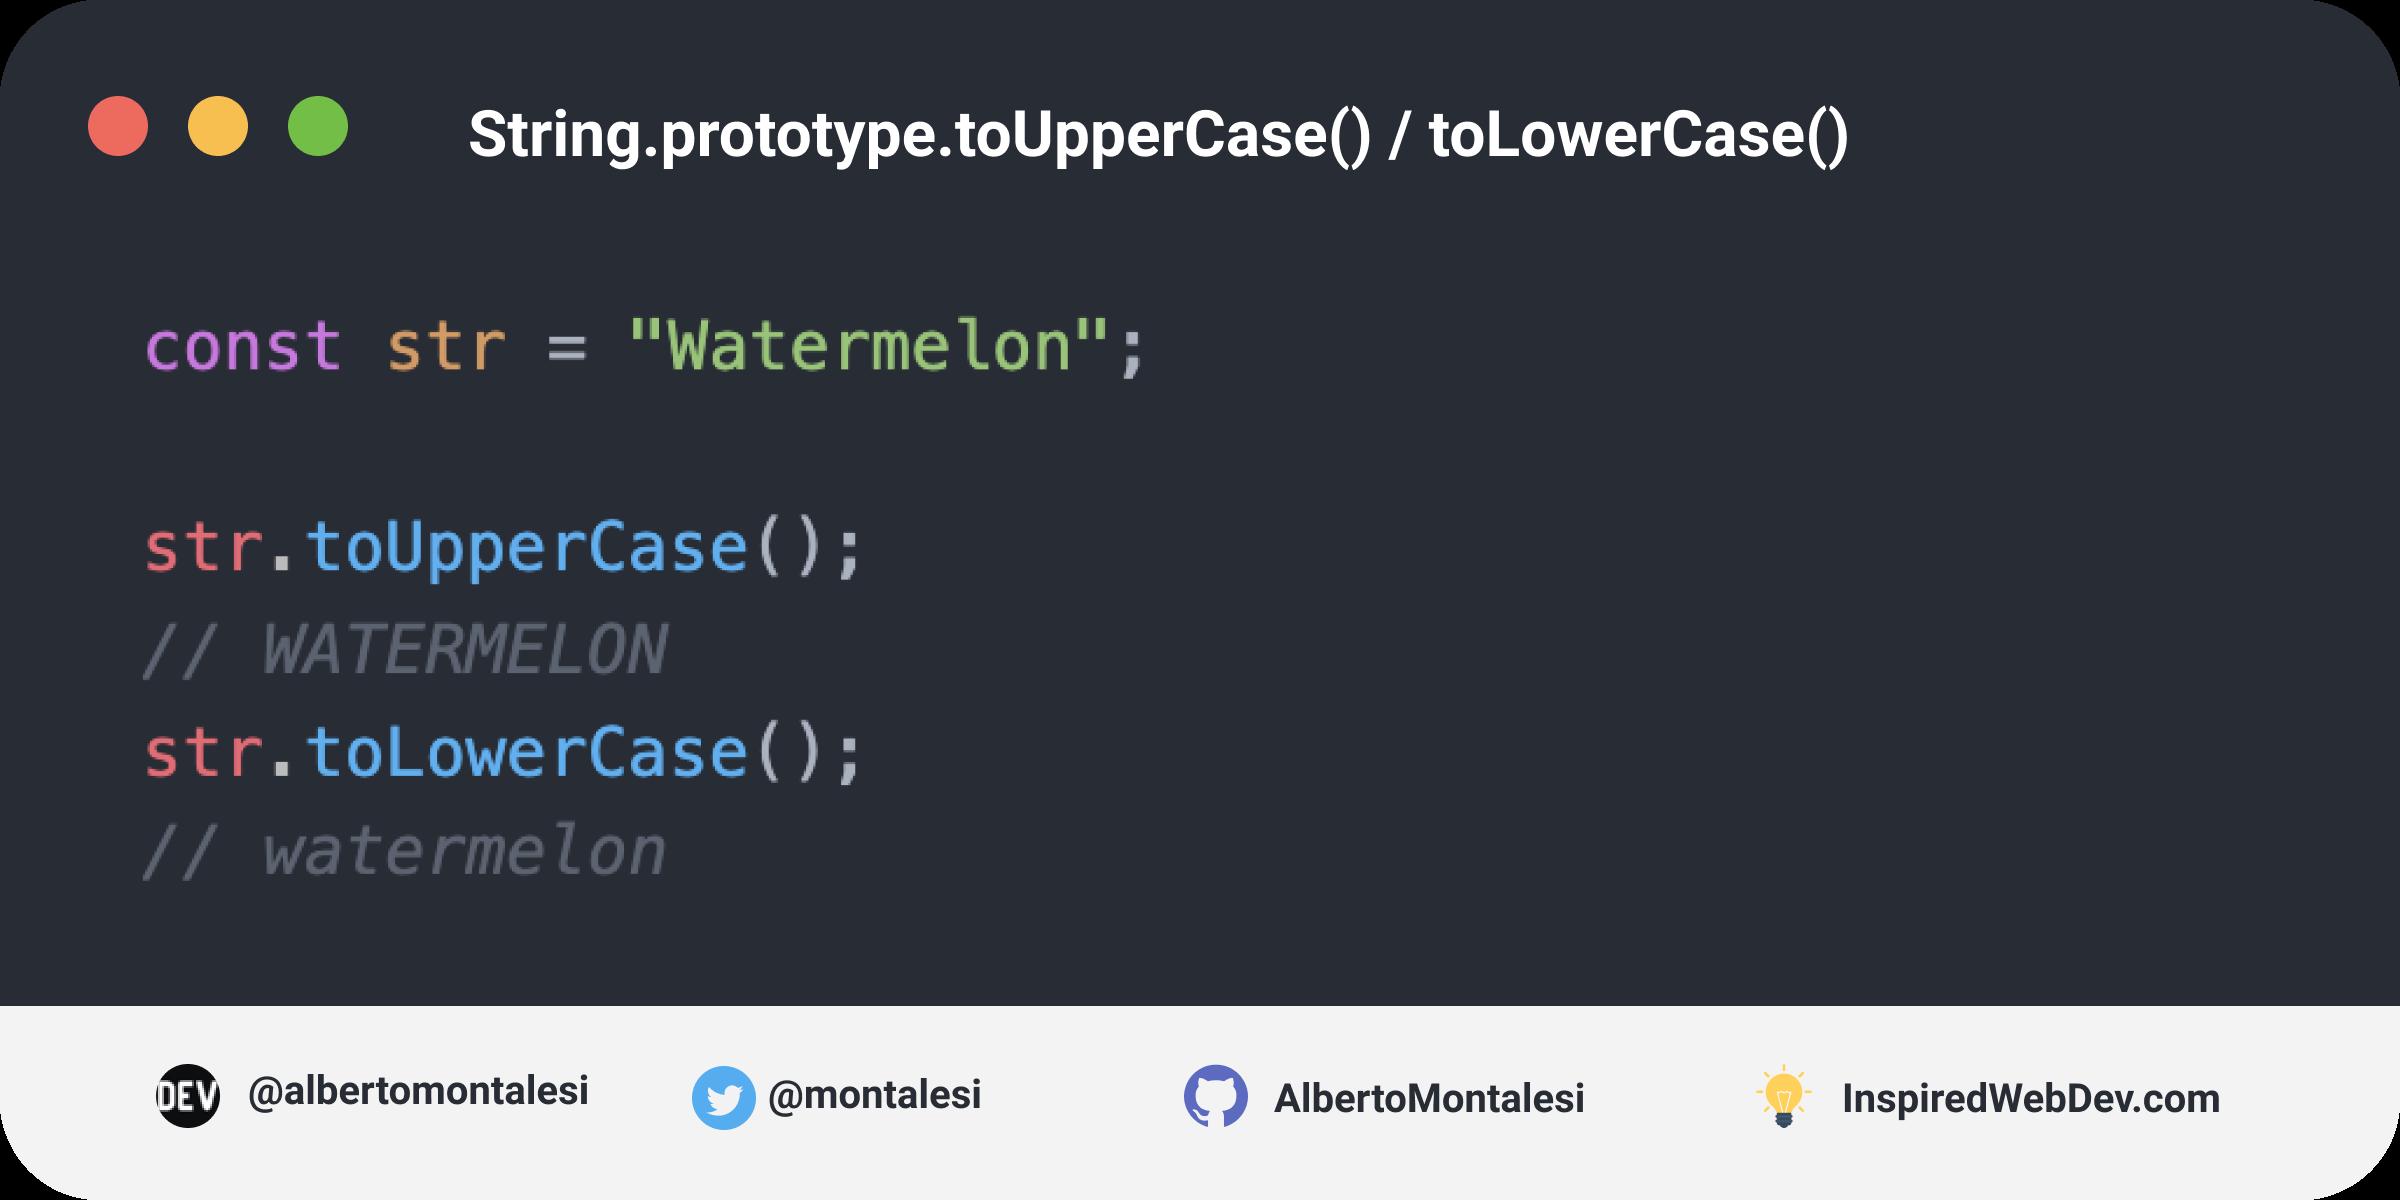 String.prototype.toUpperCase()